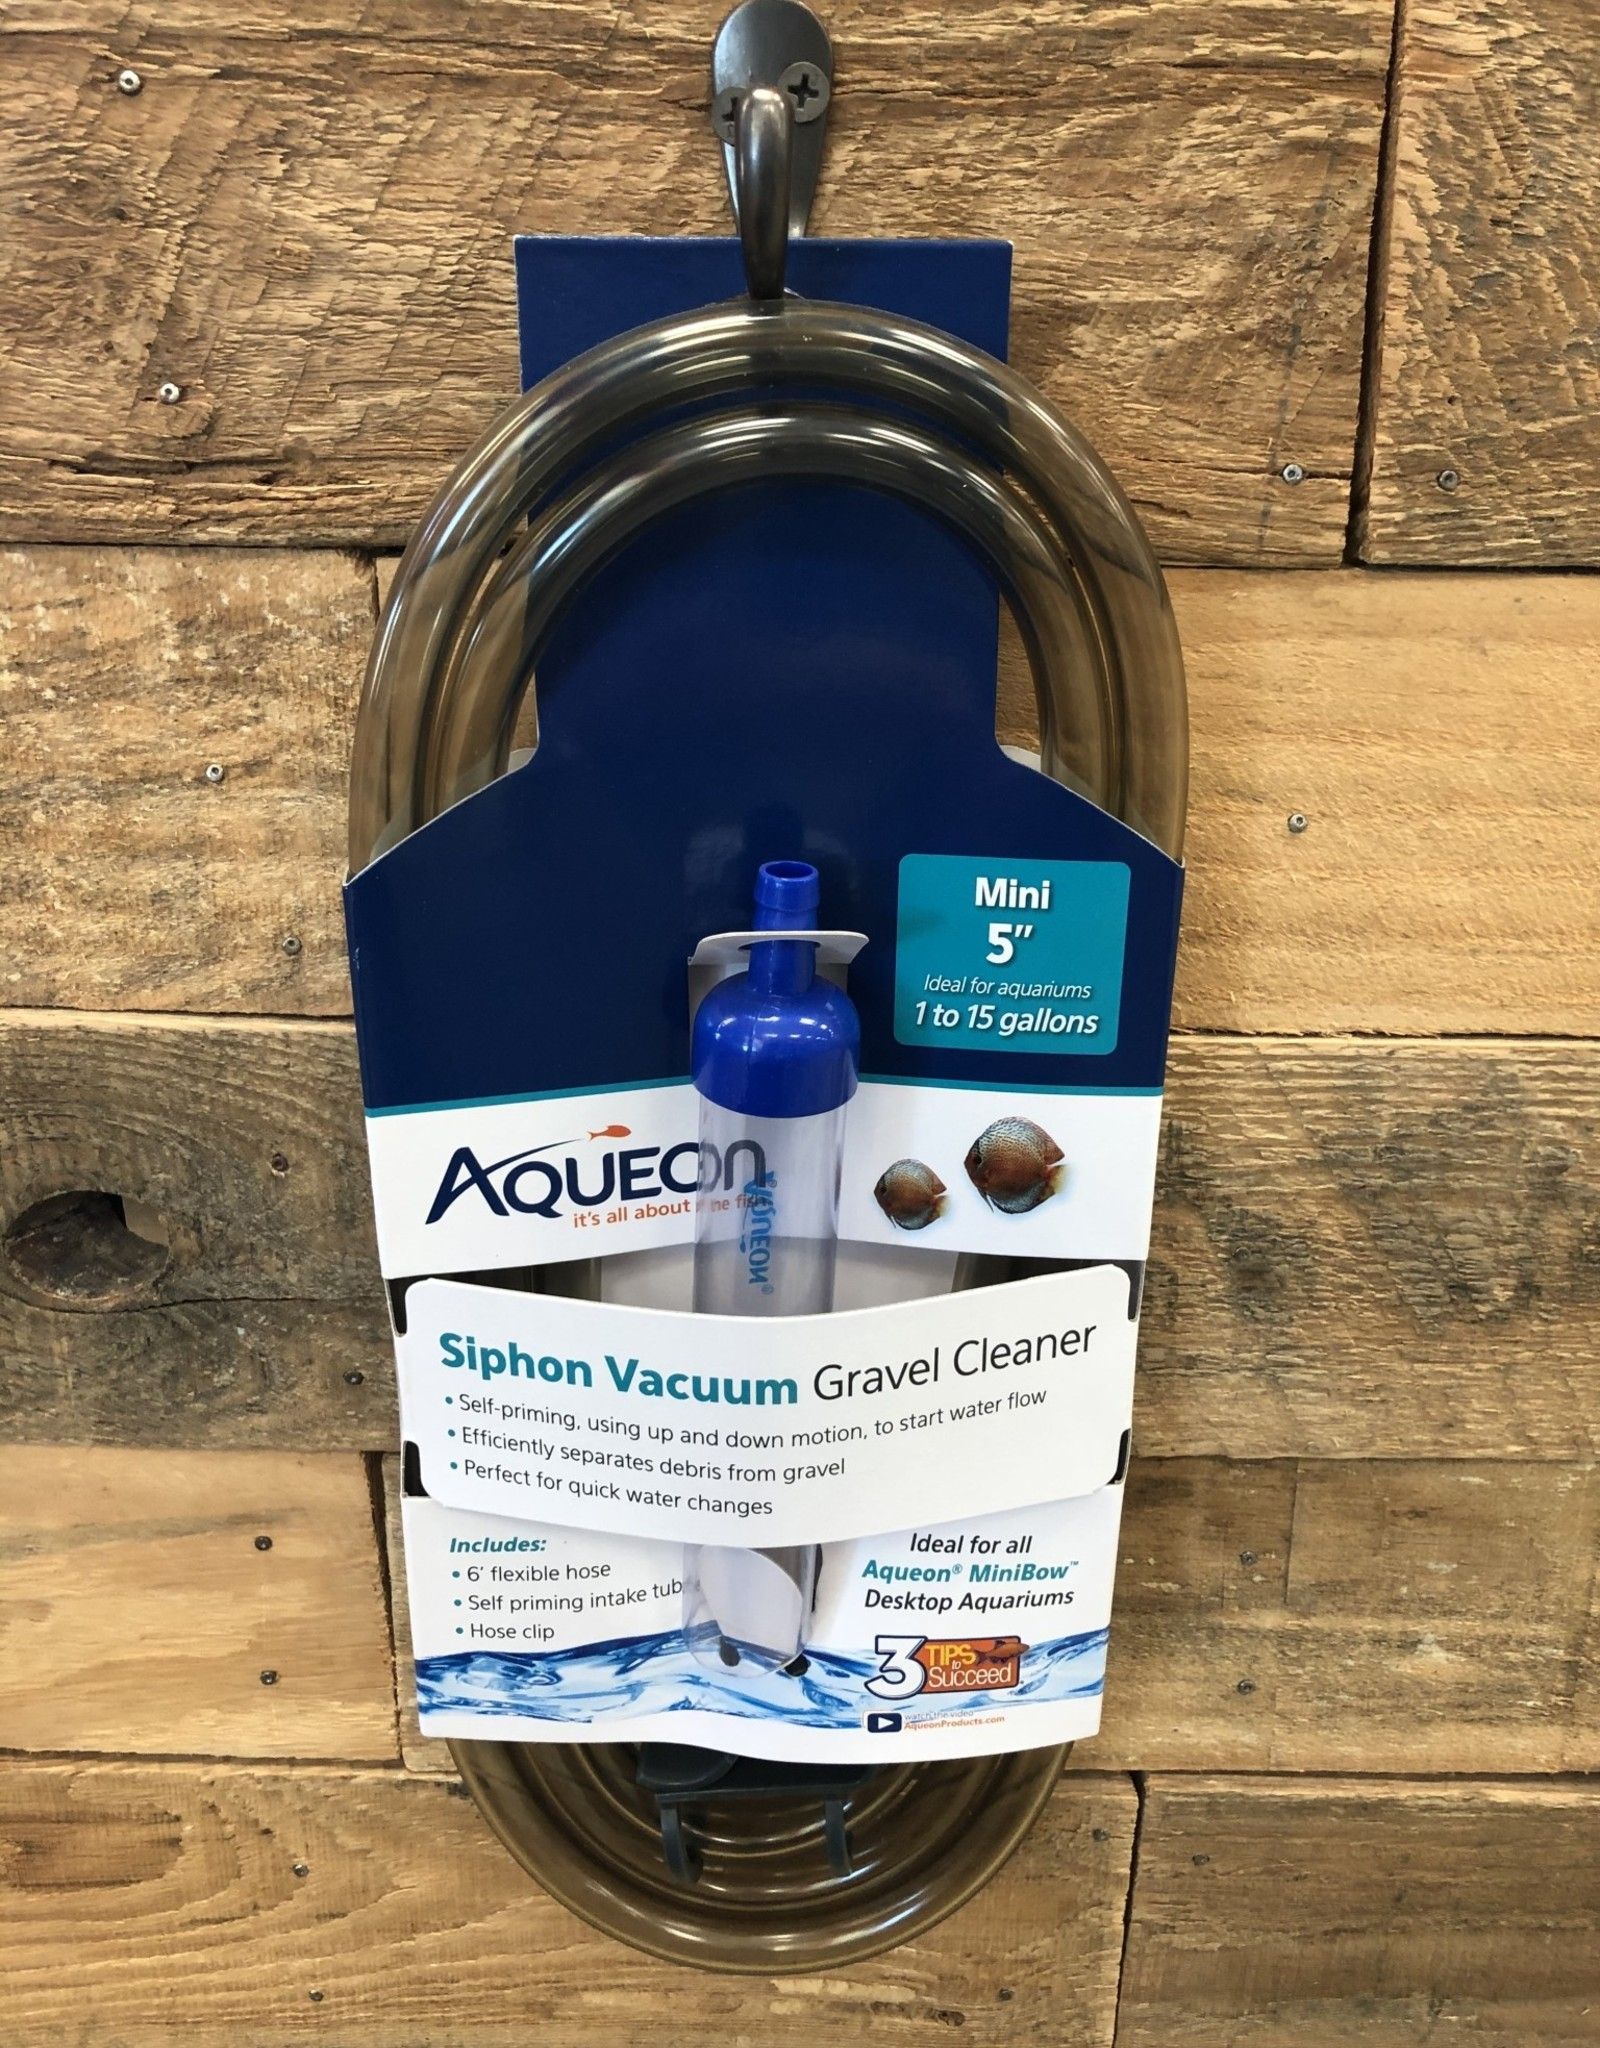 Aqueon Aqueon Siphon Vacuum Gravel Cleaner 5 Mini